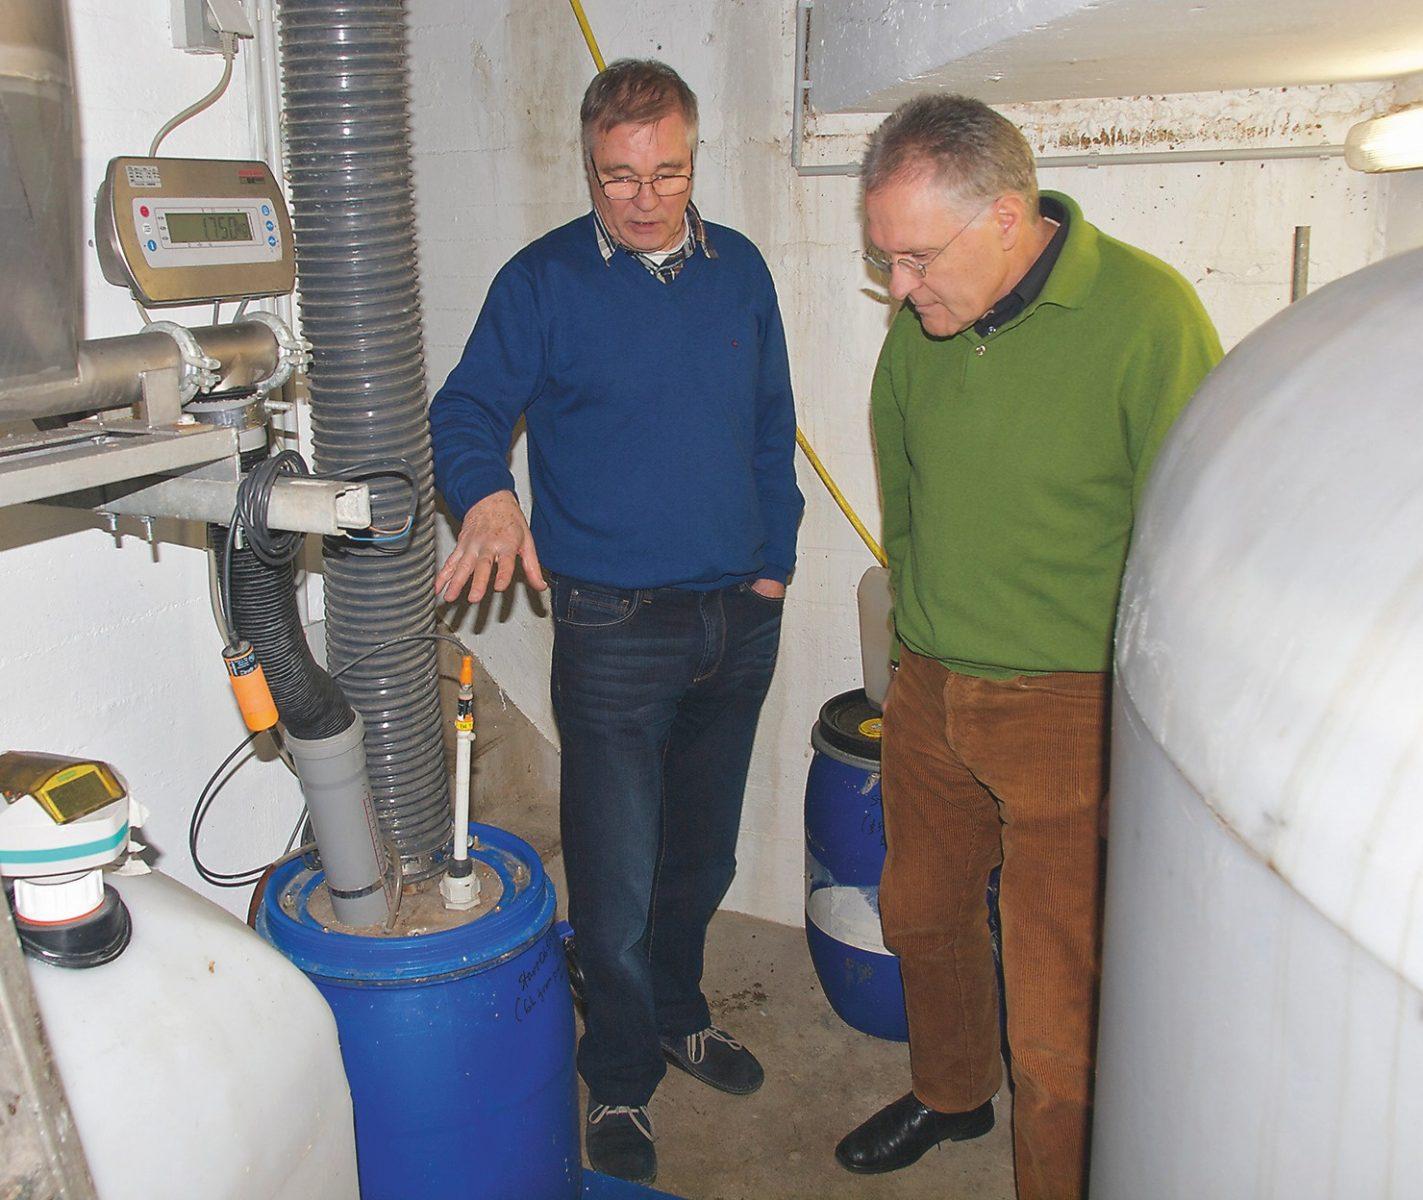 Peter-Nils Grönwall erklärt Pit Mau die automatische Verarbeitung der Feces. Pro 300 g werden eine Lage Biokohle und einige Sprühstöße EM zugeführt.